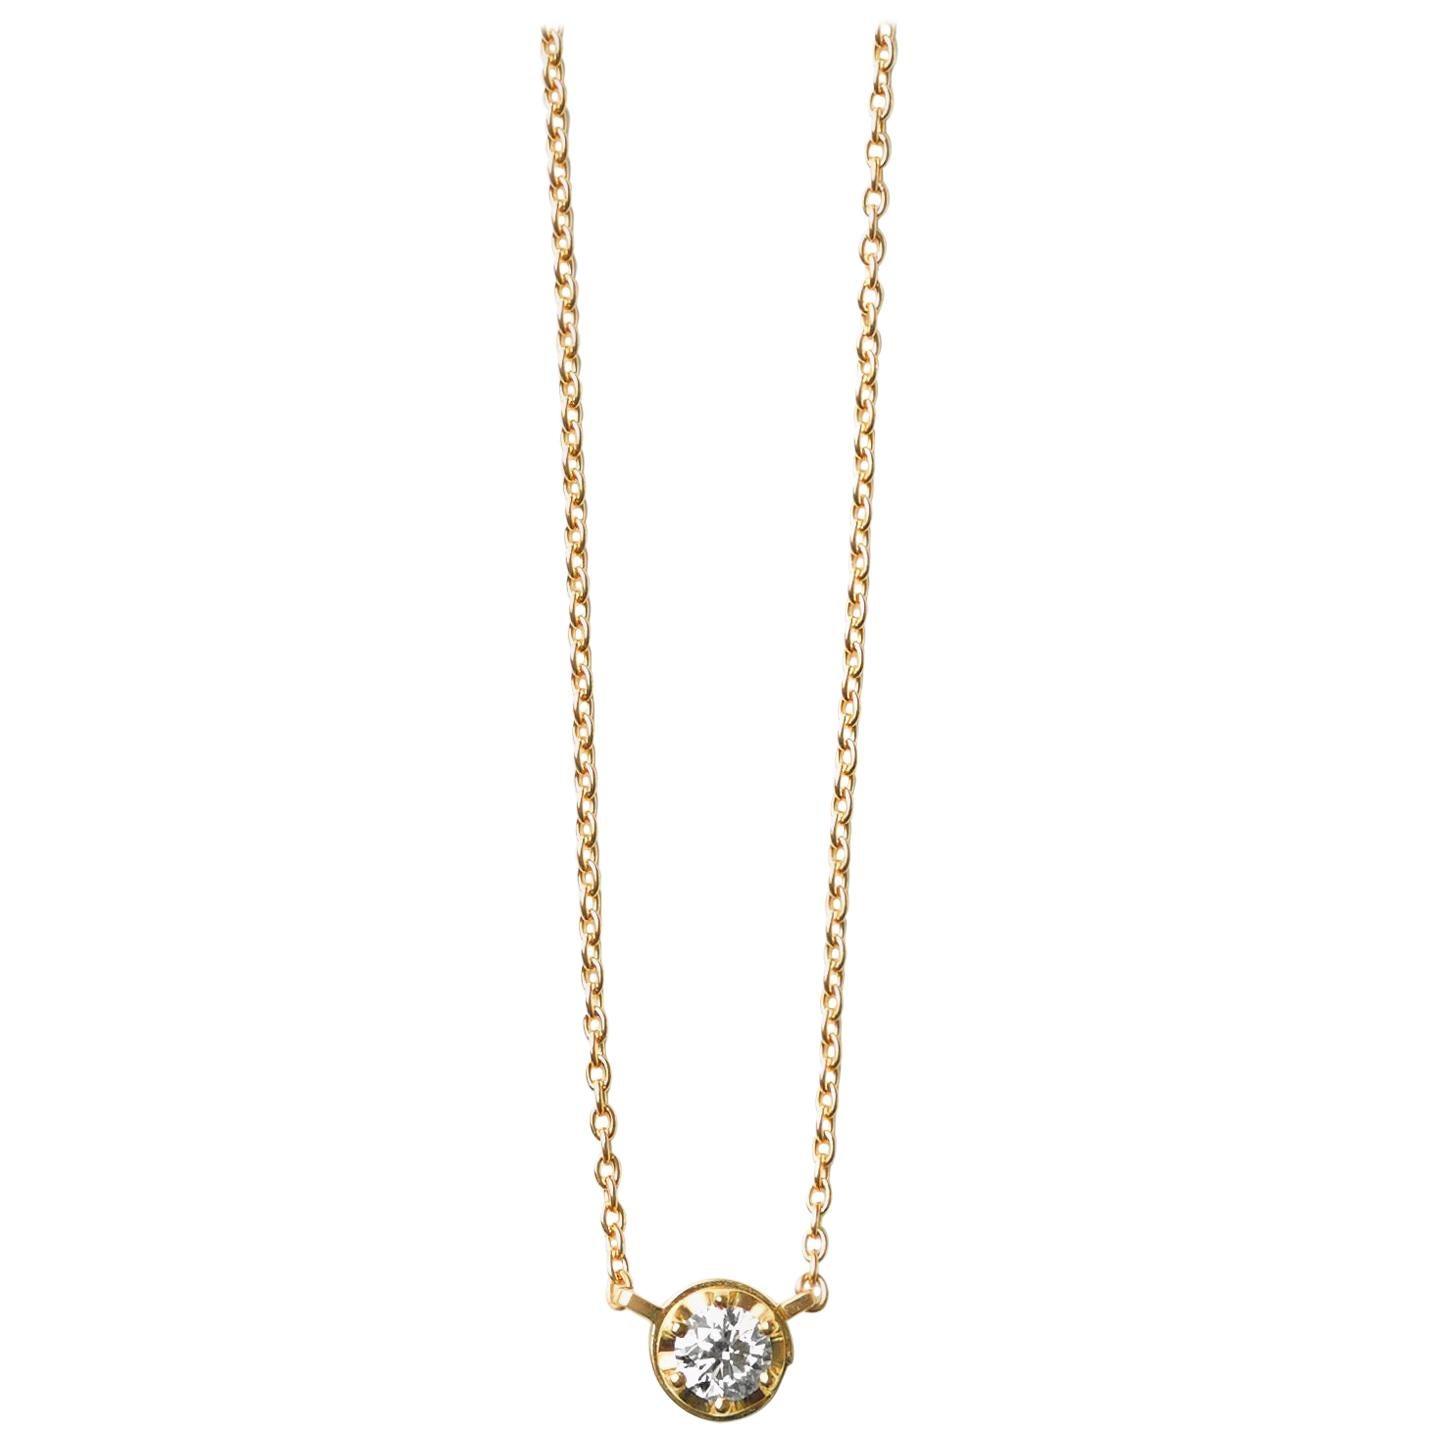 18 Karat Yellow Gold 0.3 Carat Diamond Necklace